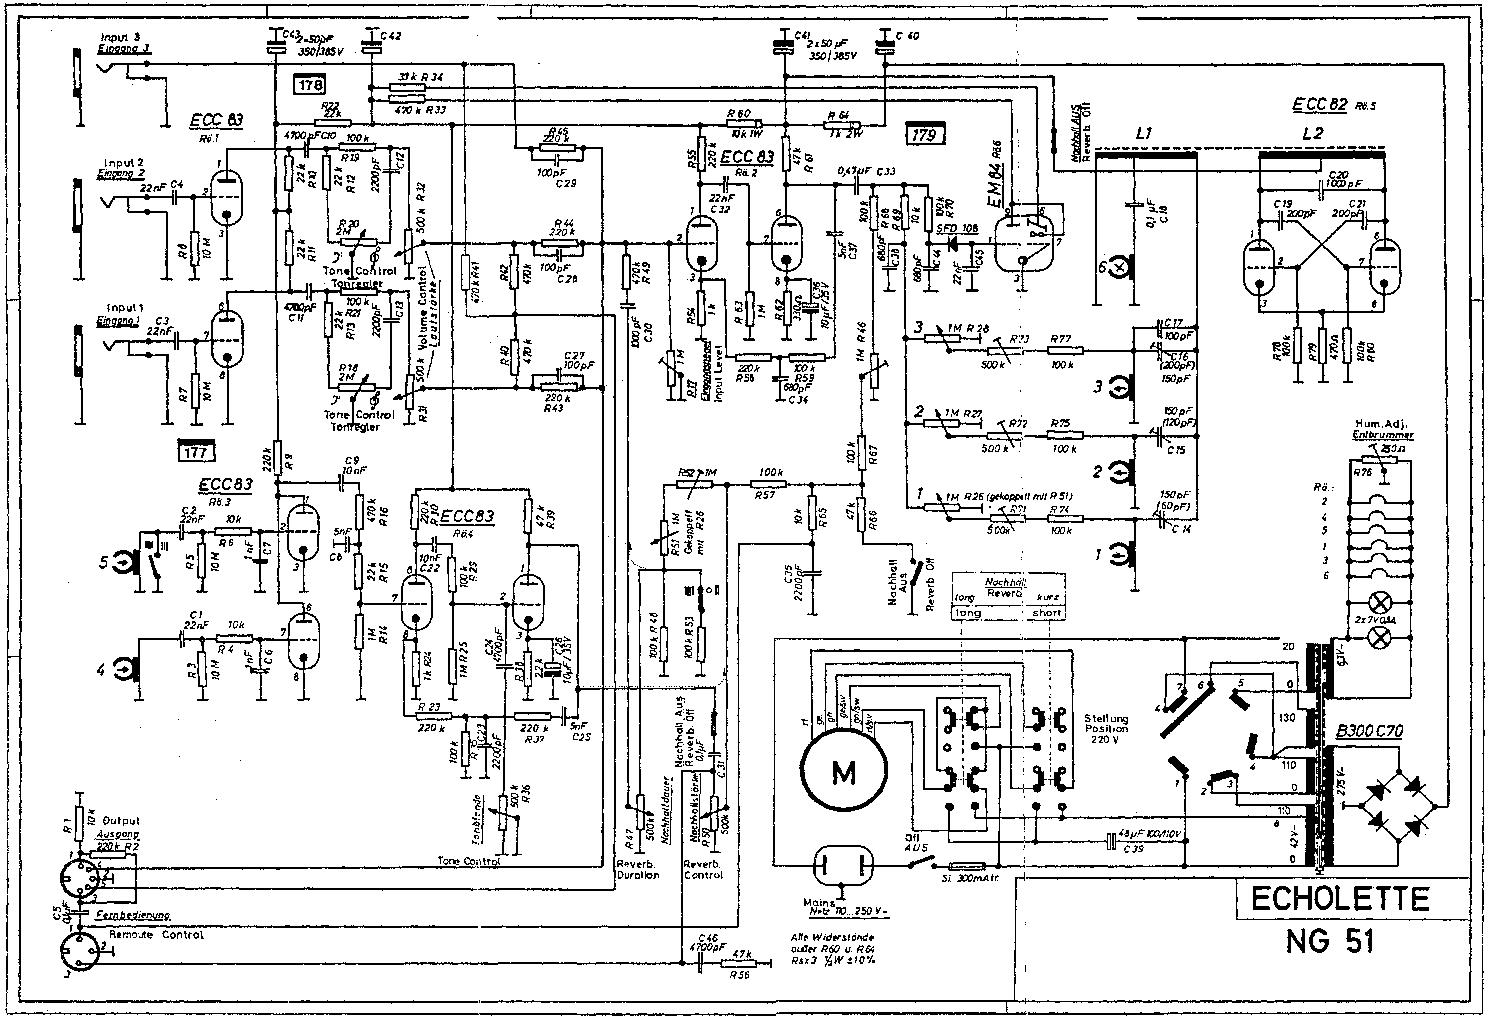 Dynacord Echocord